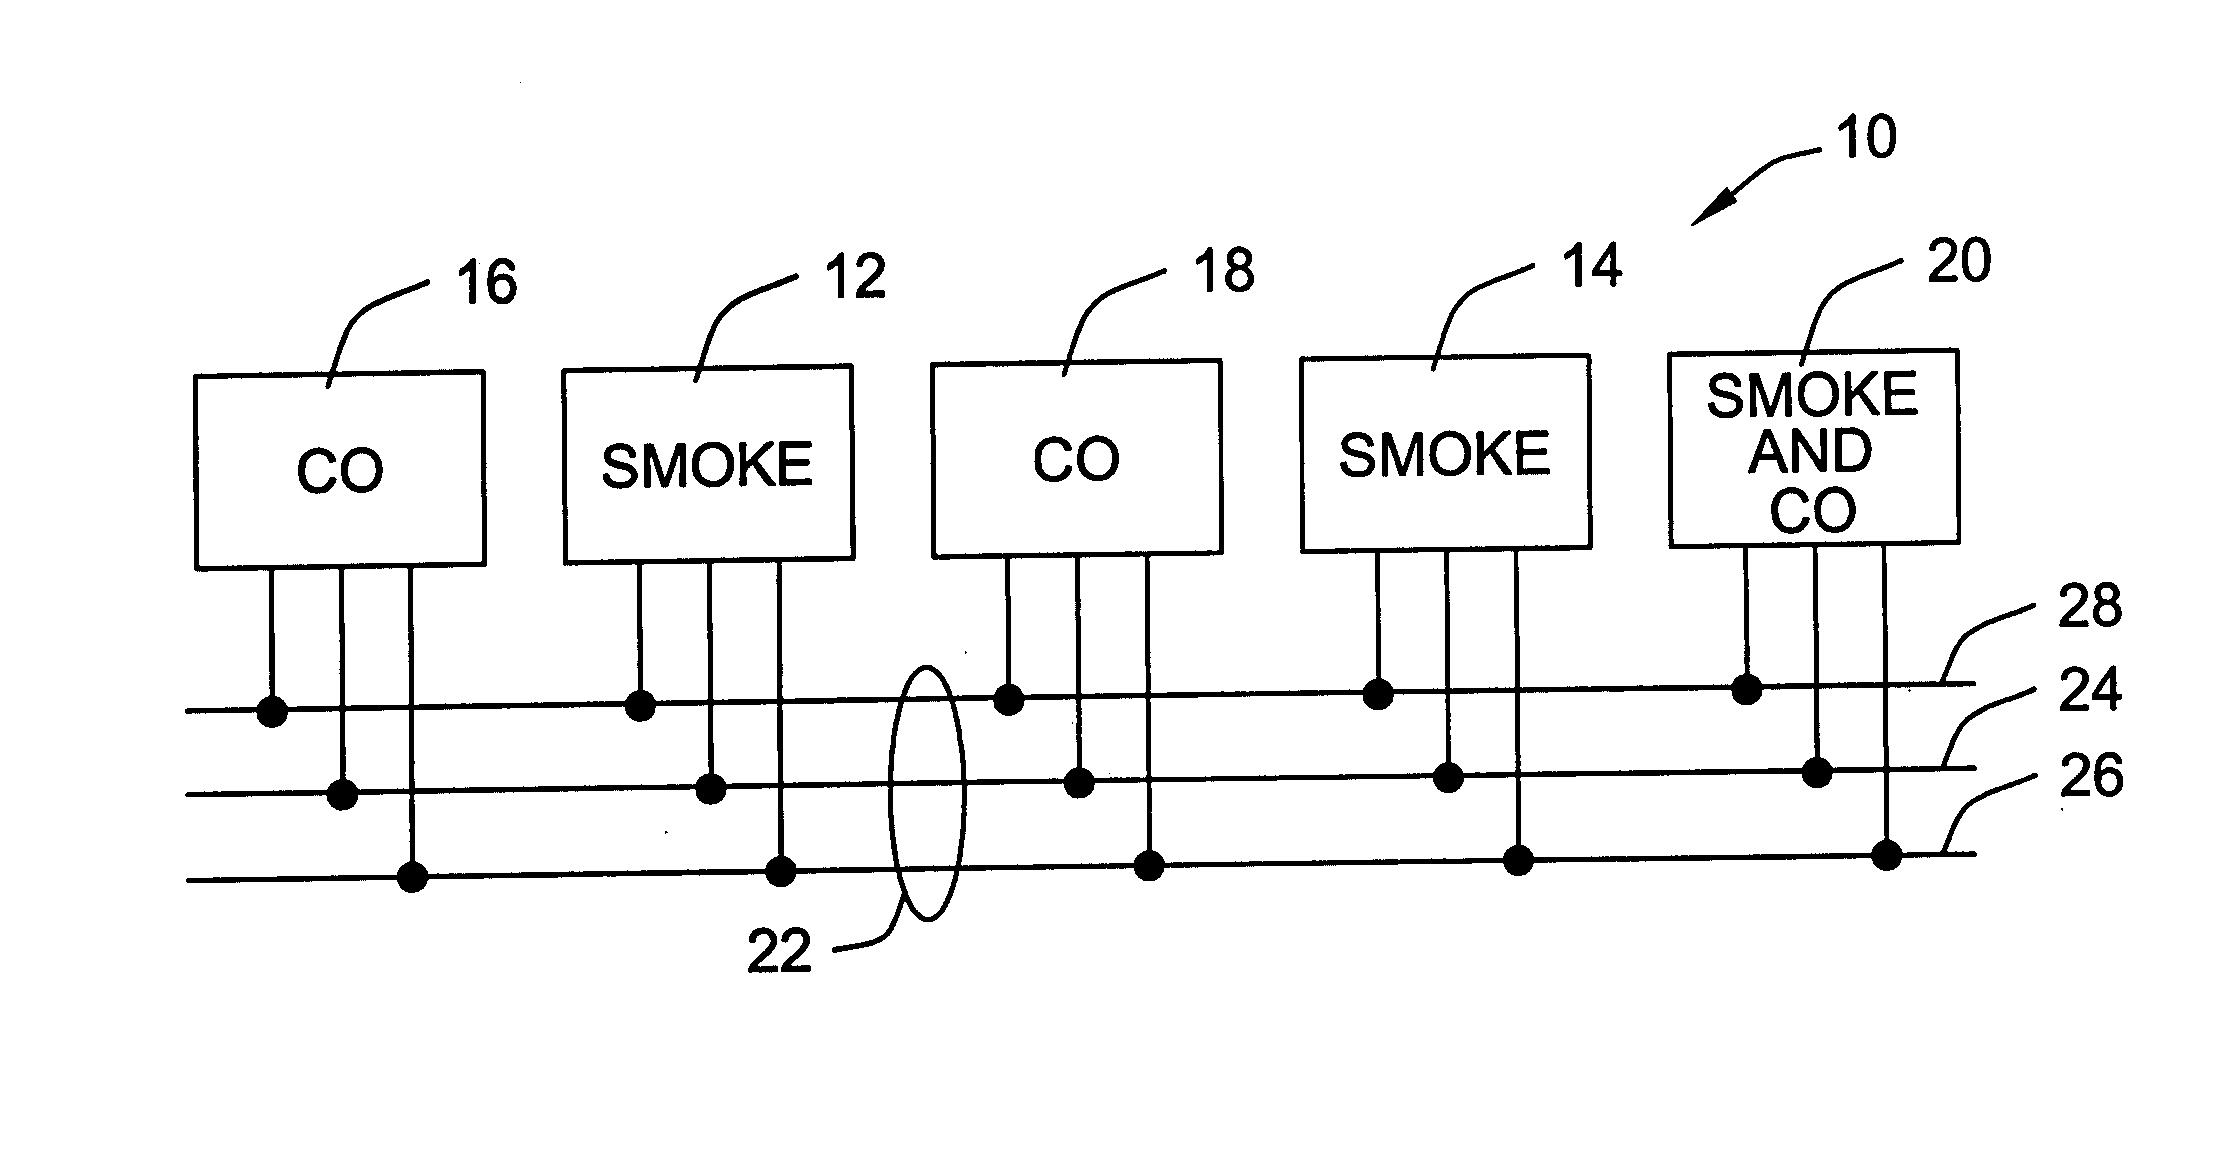 rotork wiring diagram 3100 for pir sensor multiple smoke detectors imageresizertool com